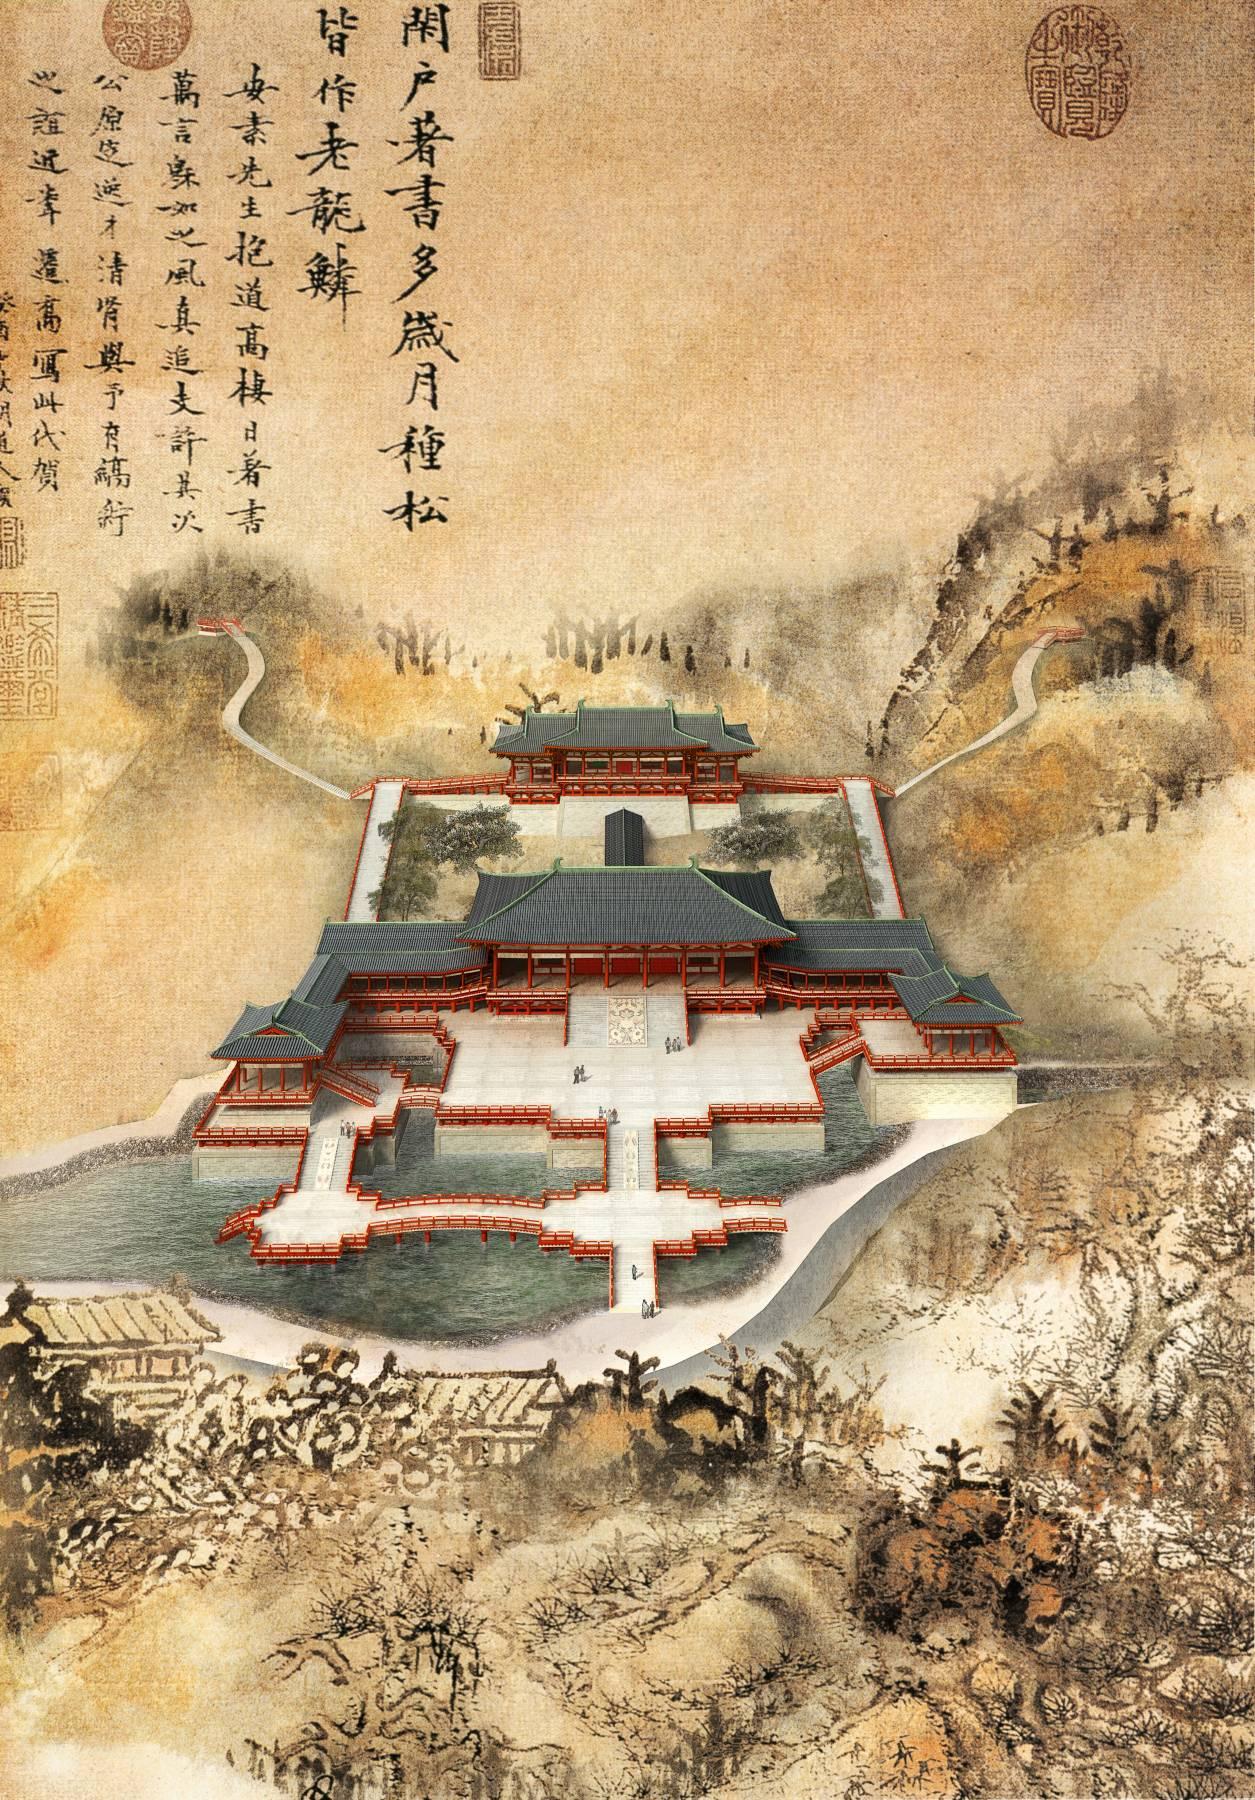 厦门中华汉文苑博物馆